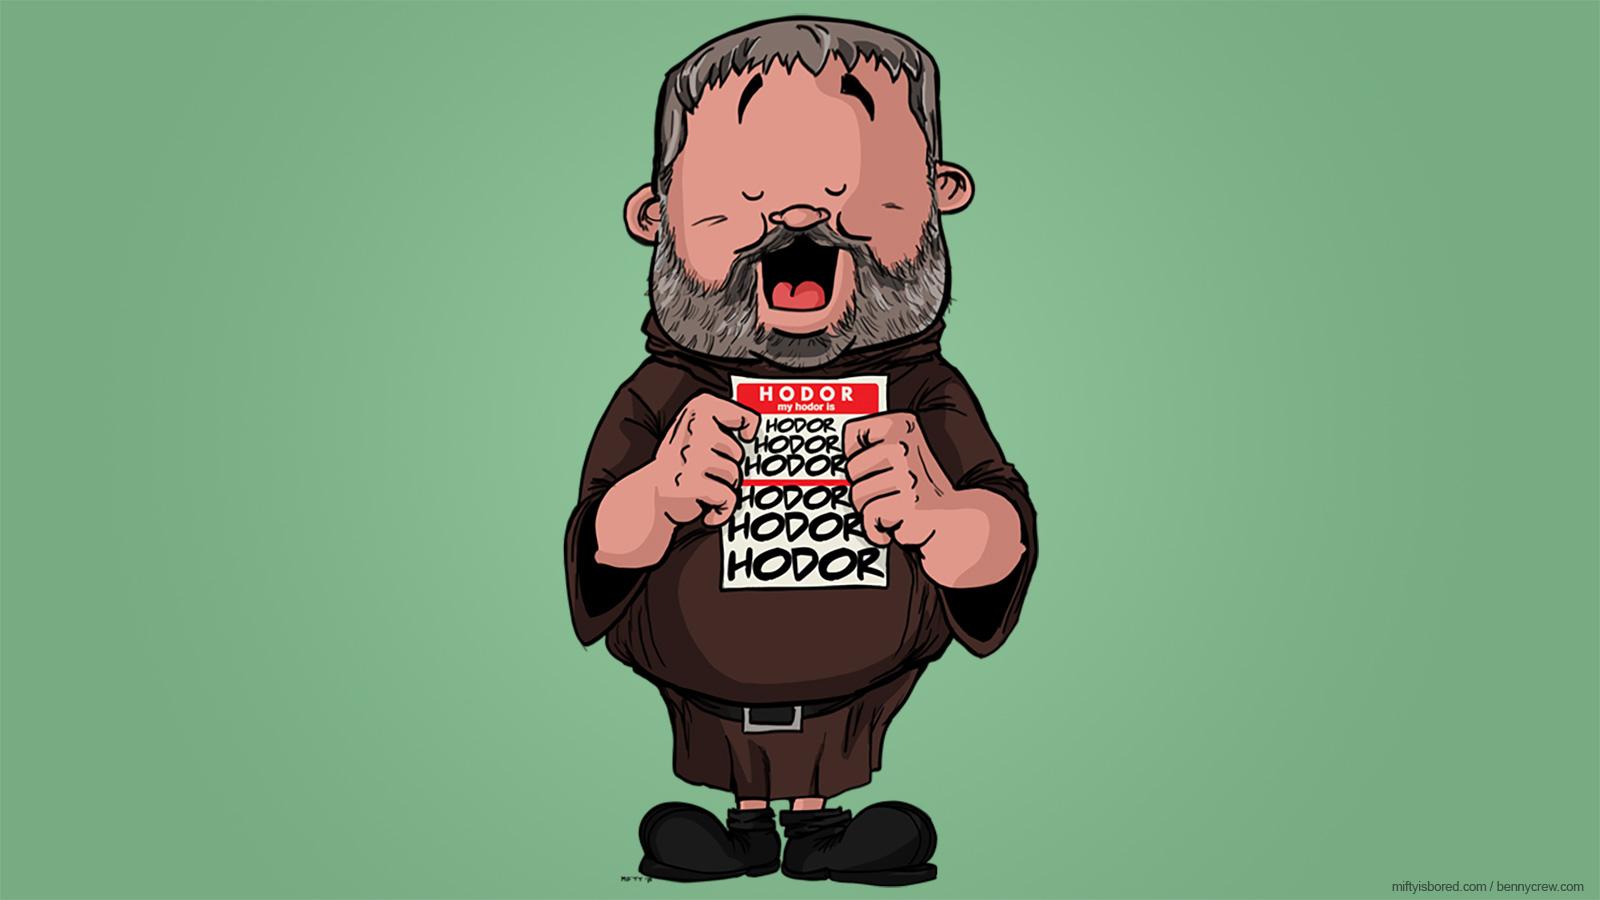 005-Hodor-my-hodor-is-hodor-v2